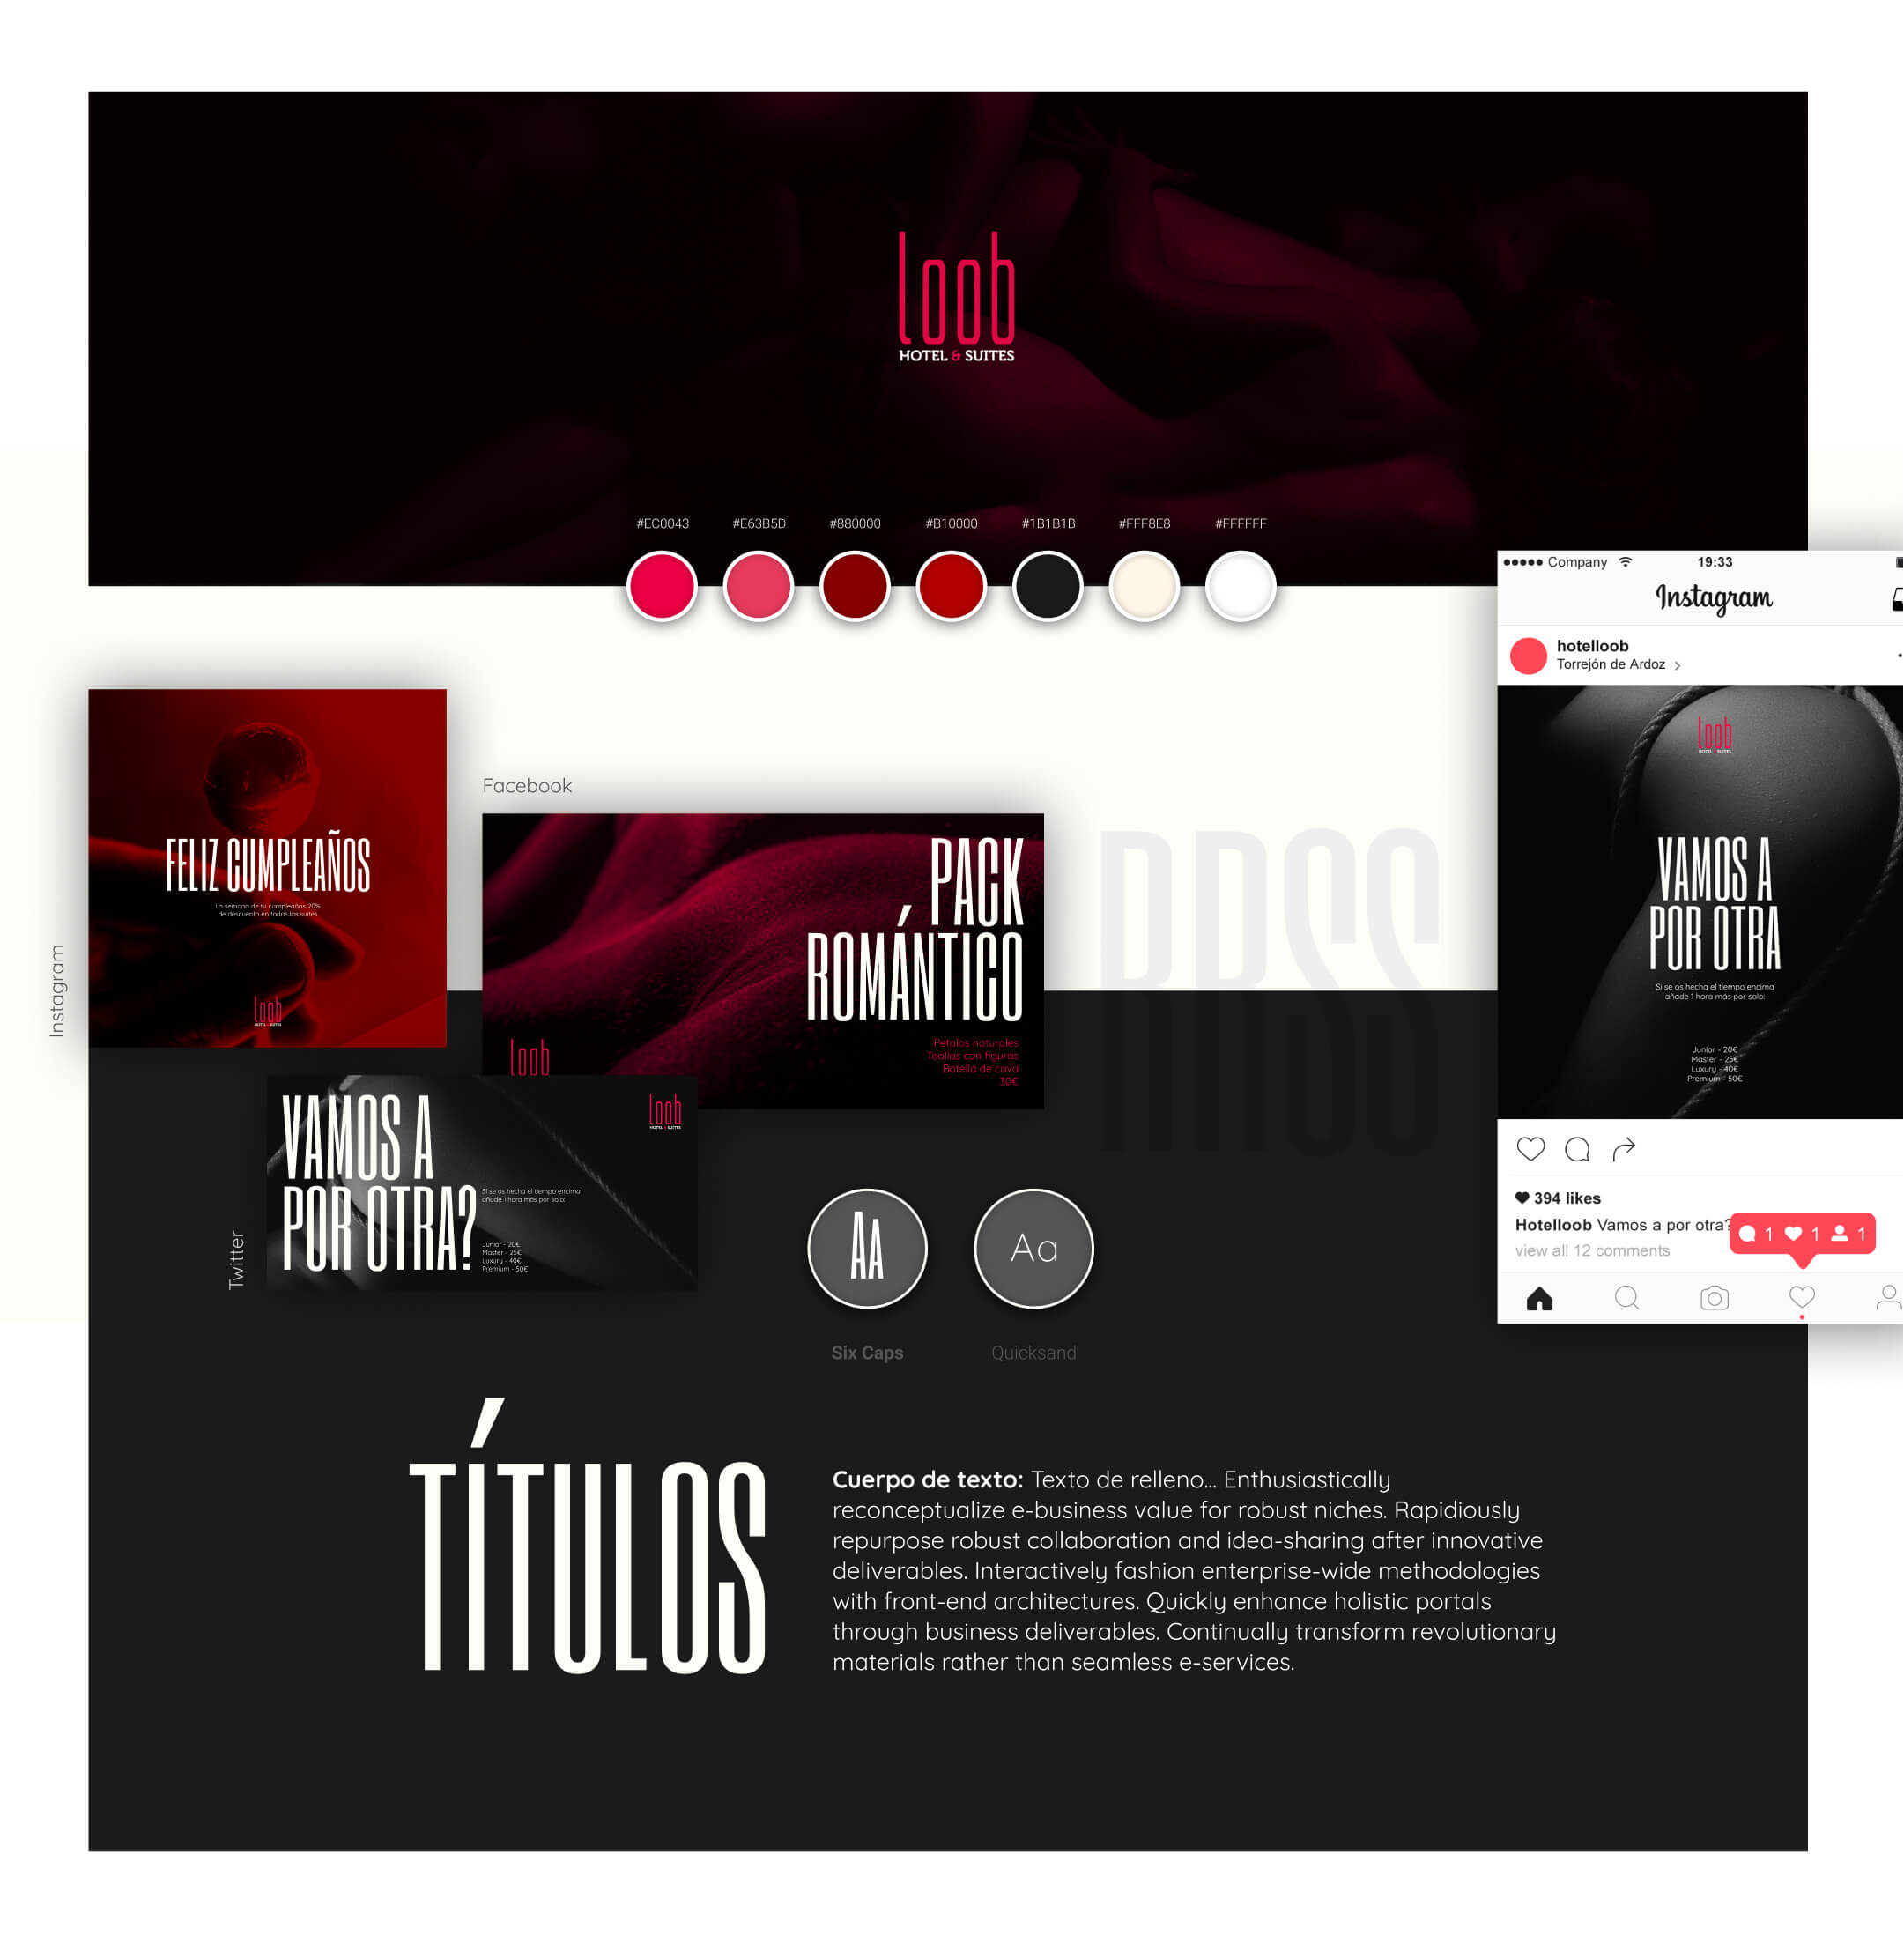 Ejemplo diseño web para hoteles - Hotel Loob